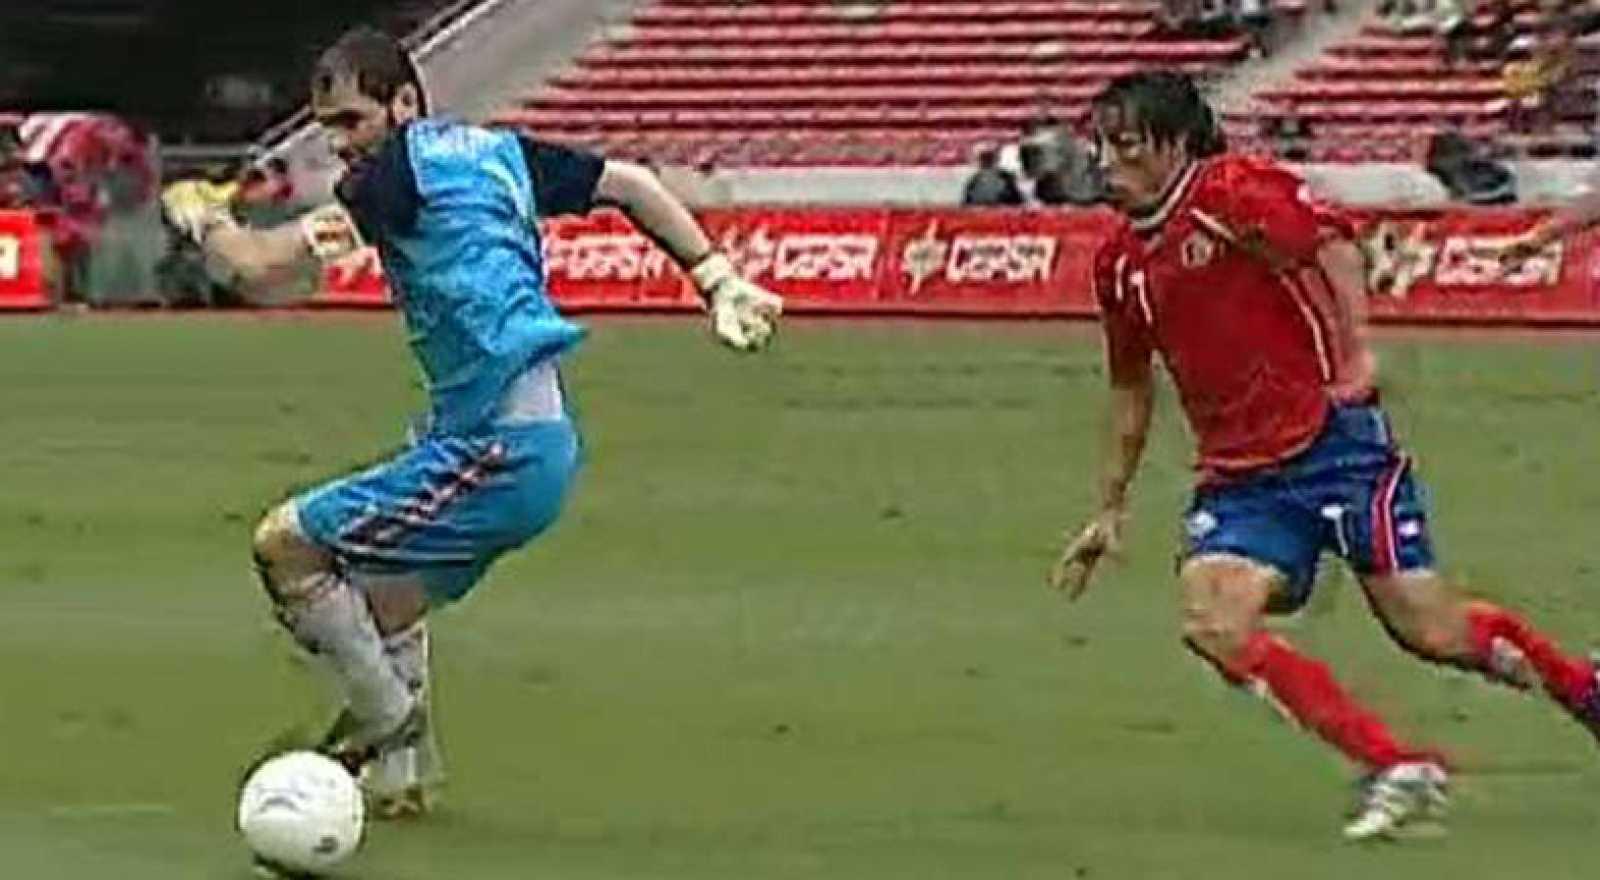 Costa Rica sorprende a España con un gol de Randall Brenes, que aprovechó un fallo en la salida con los pies de Iker Casillas.